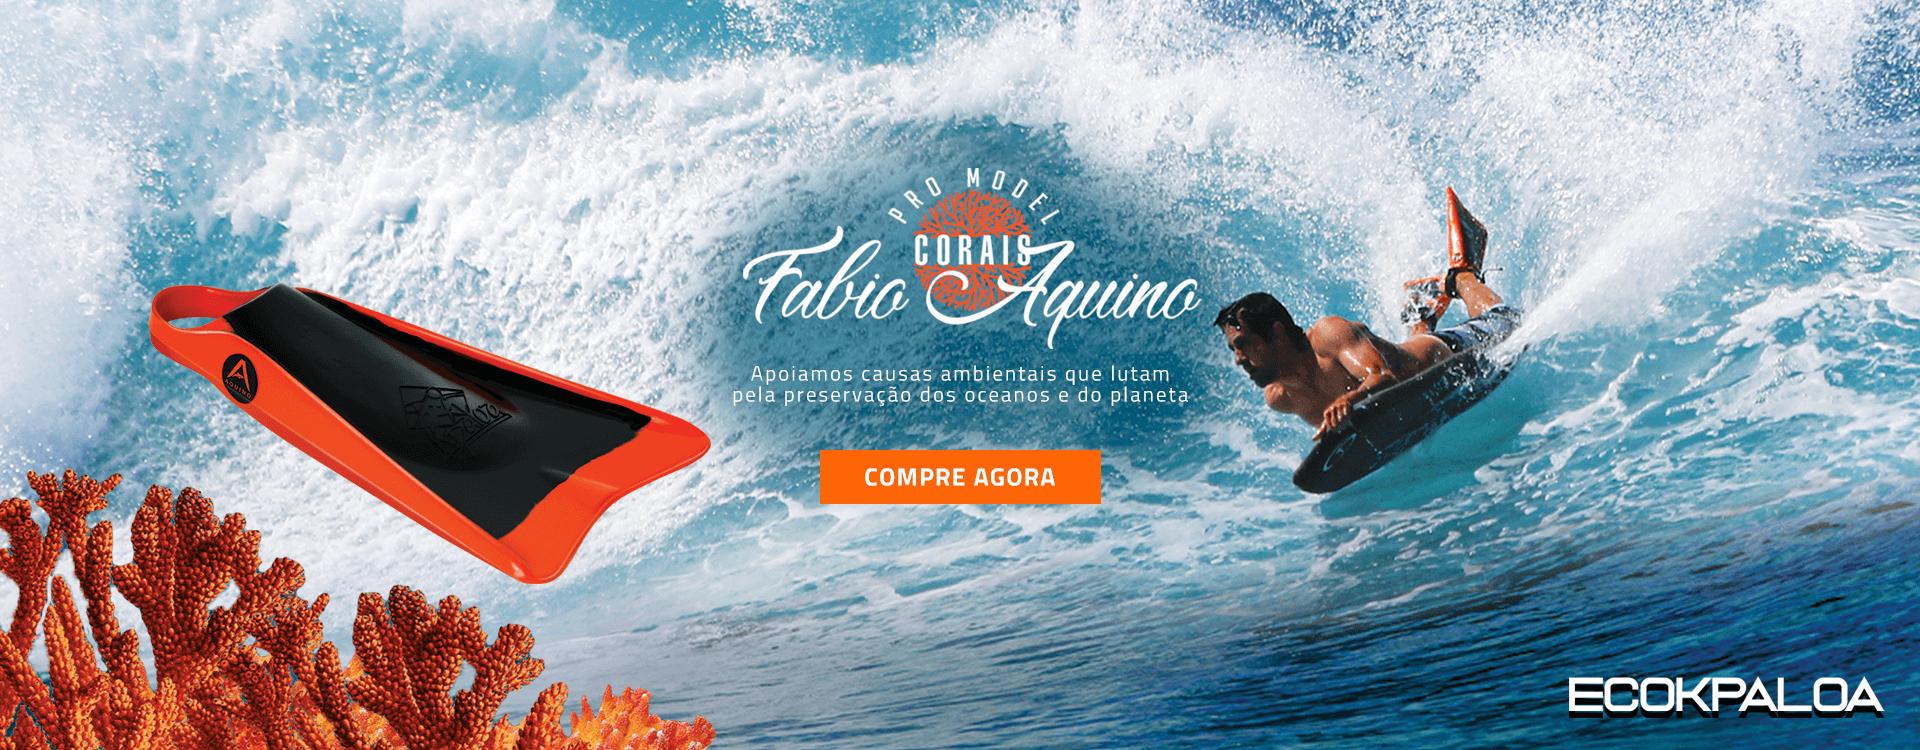 Fabio Aquino Corais